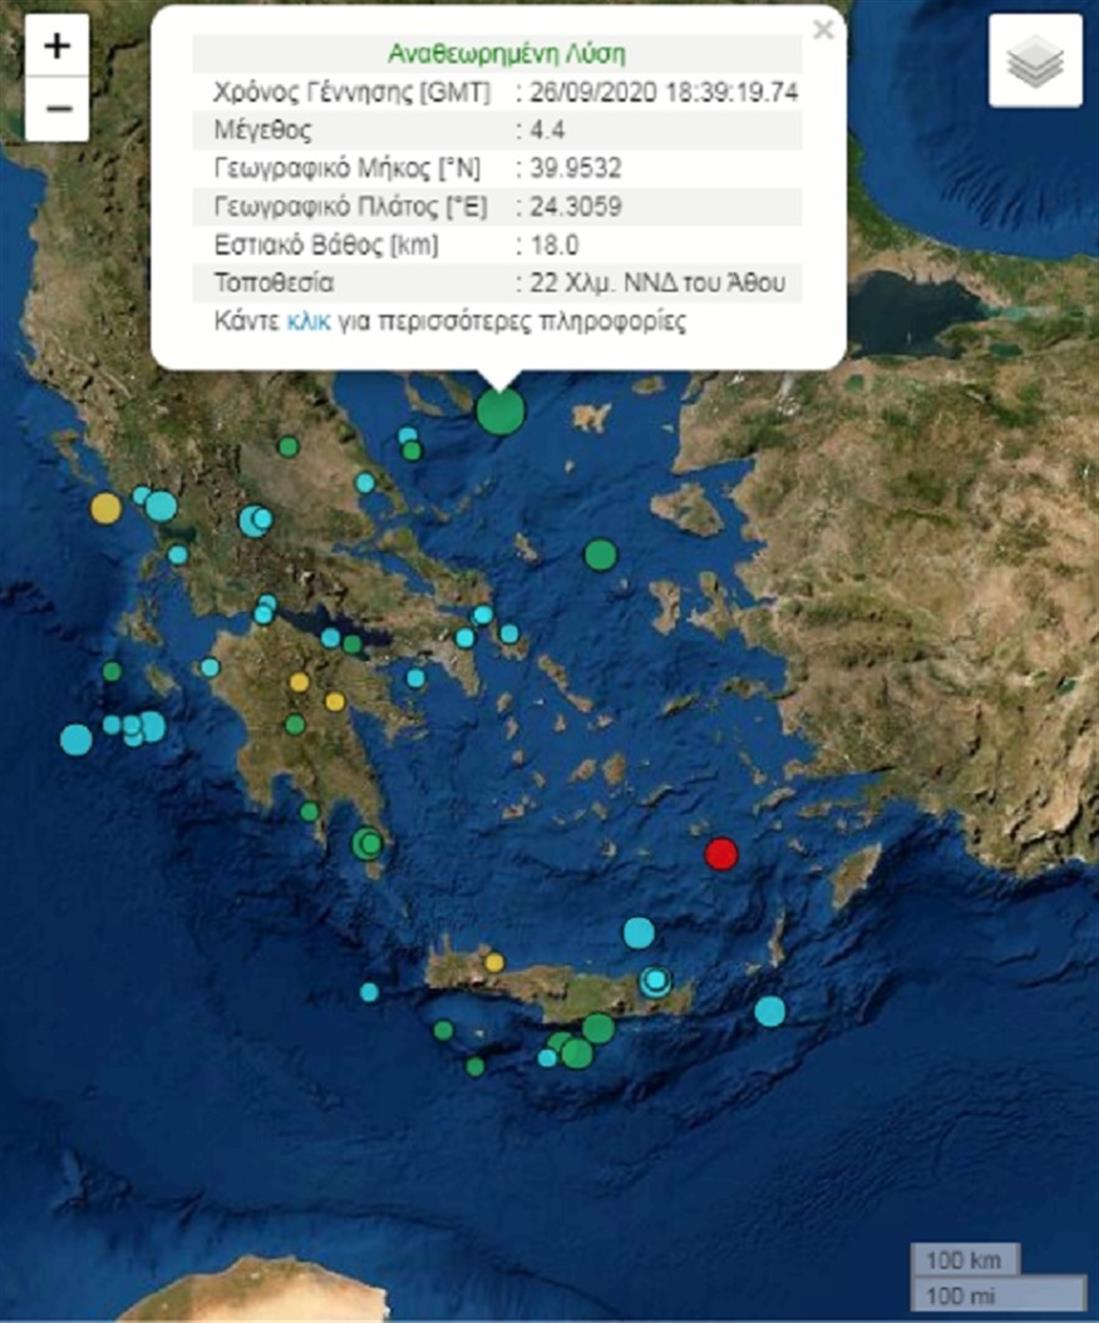 Σεισμός - Χαλκιδική